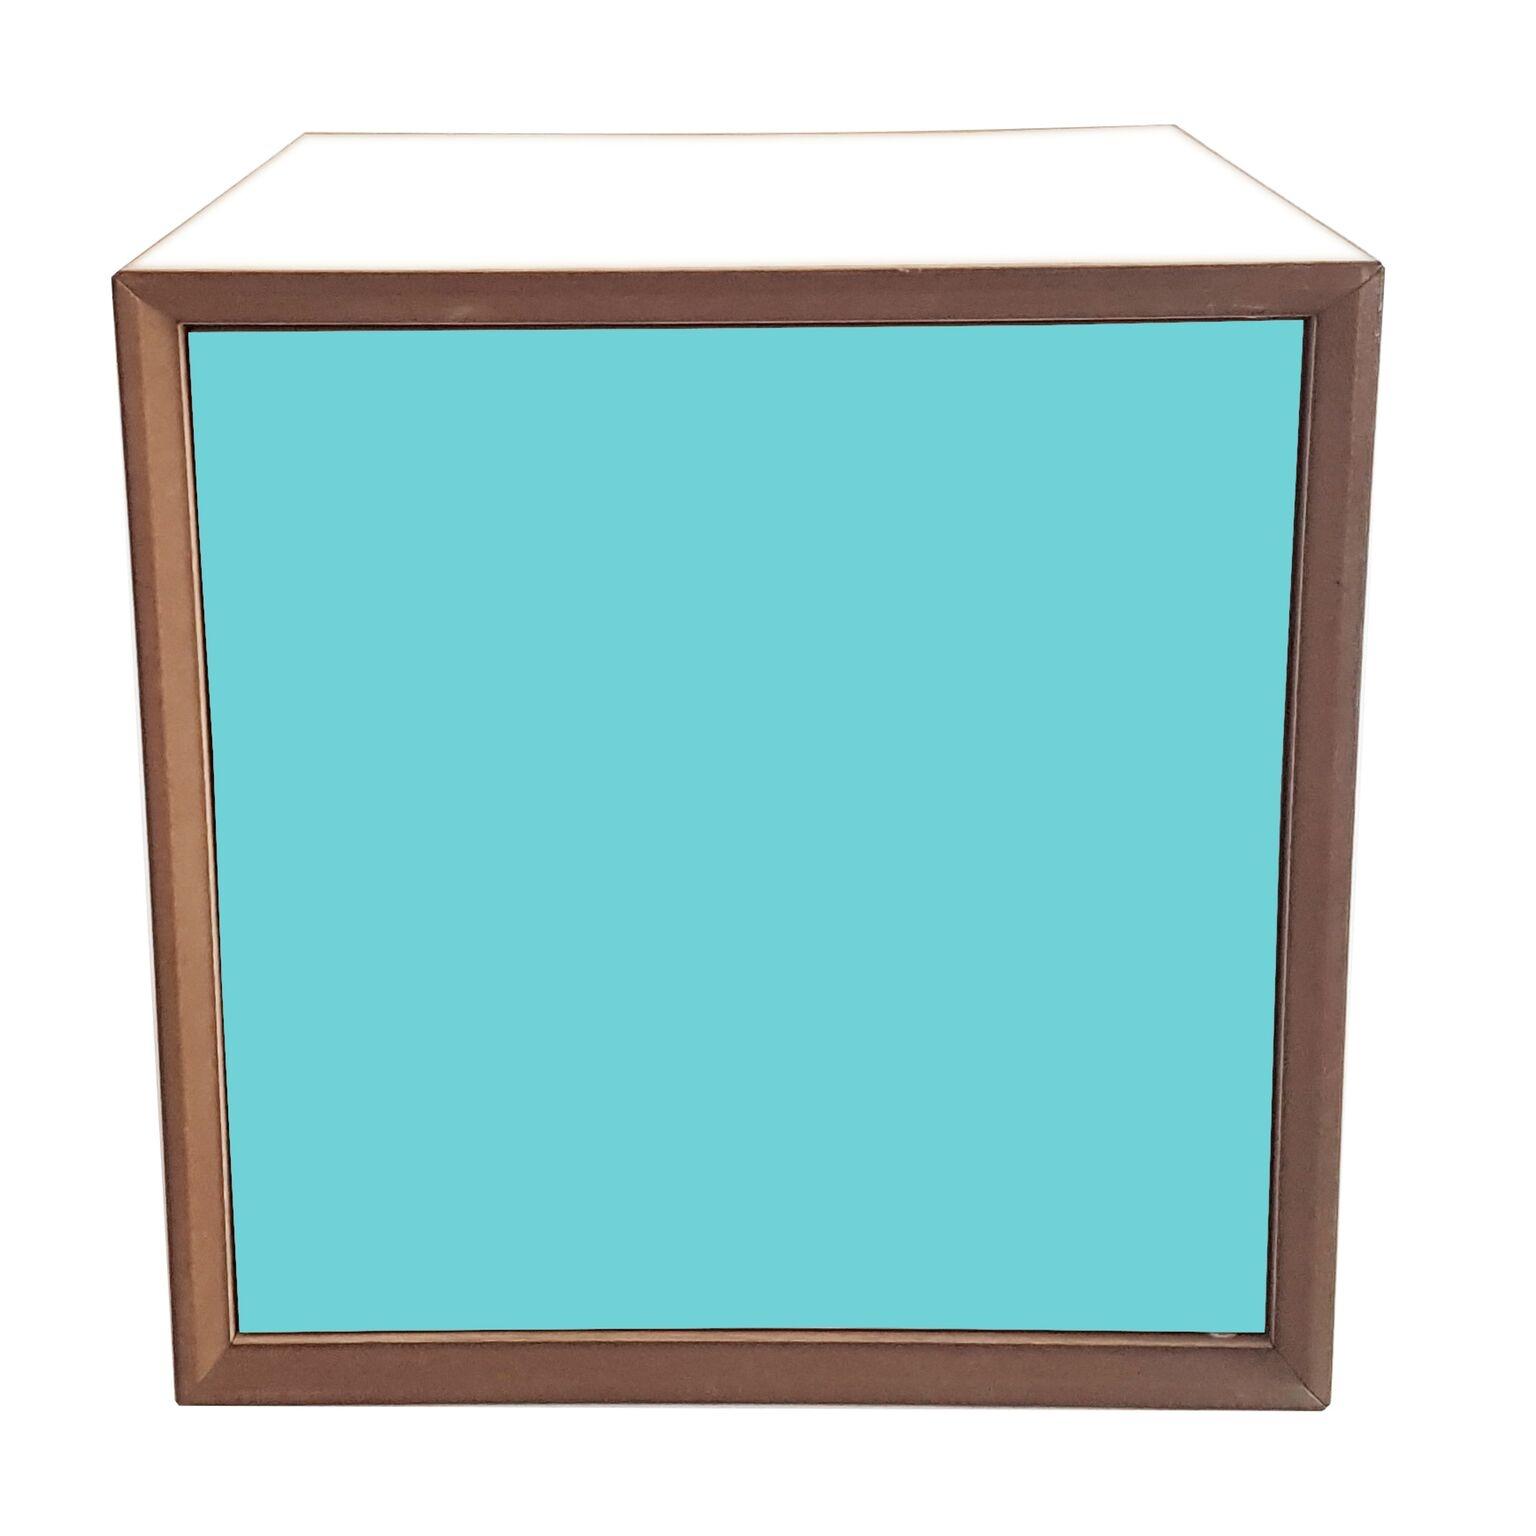 Dulap modular Pixel Dark Turquoise / White l40xA40xH40 cm